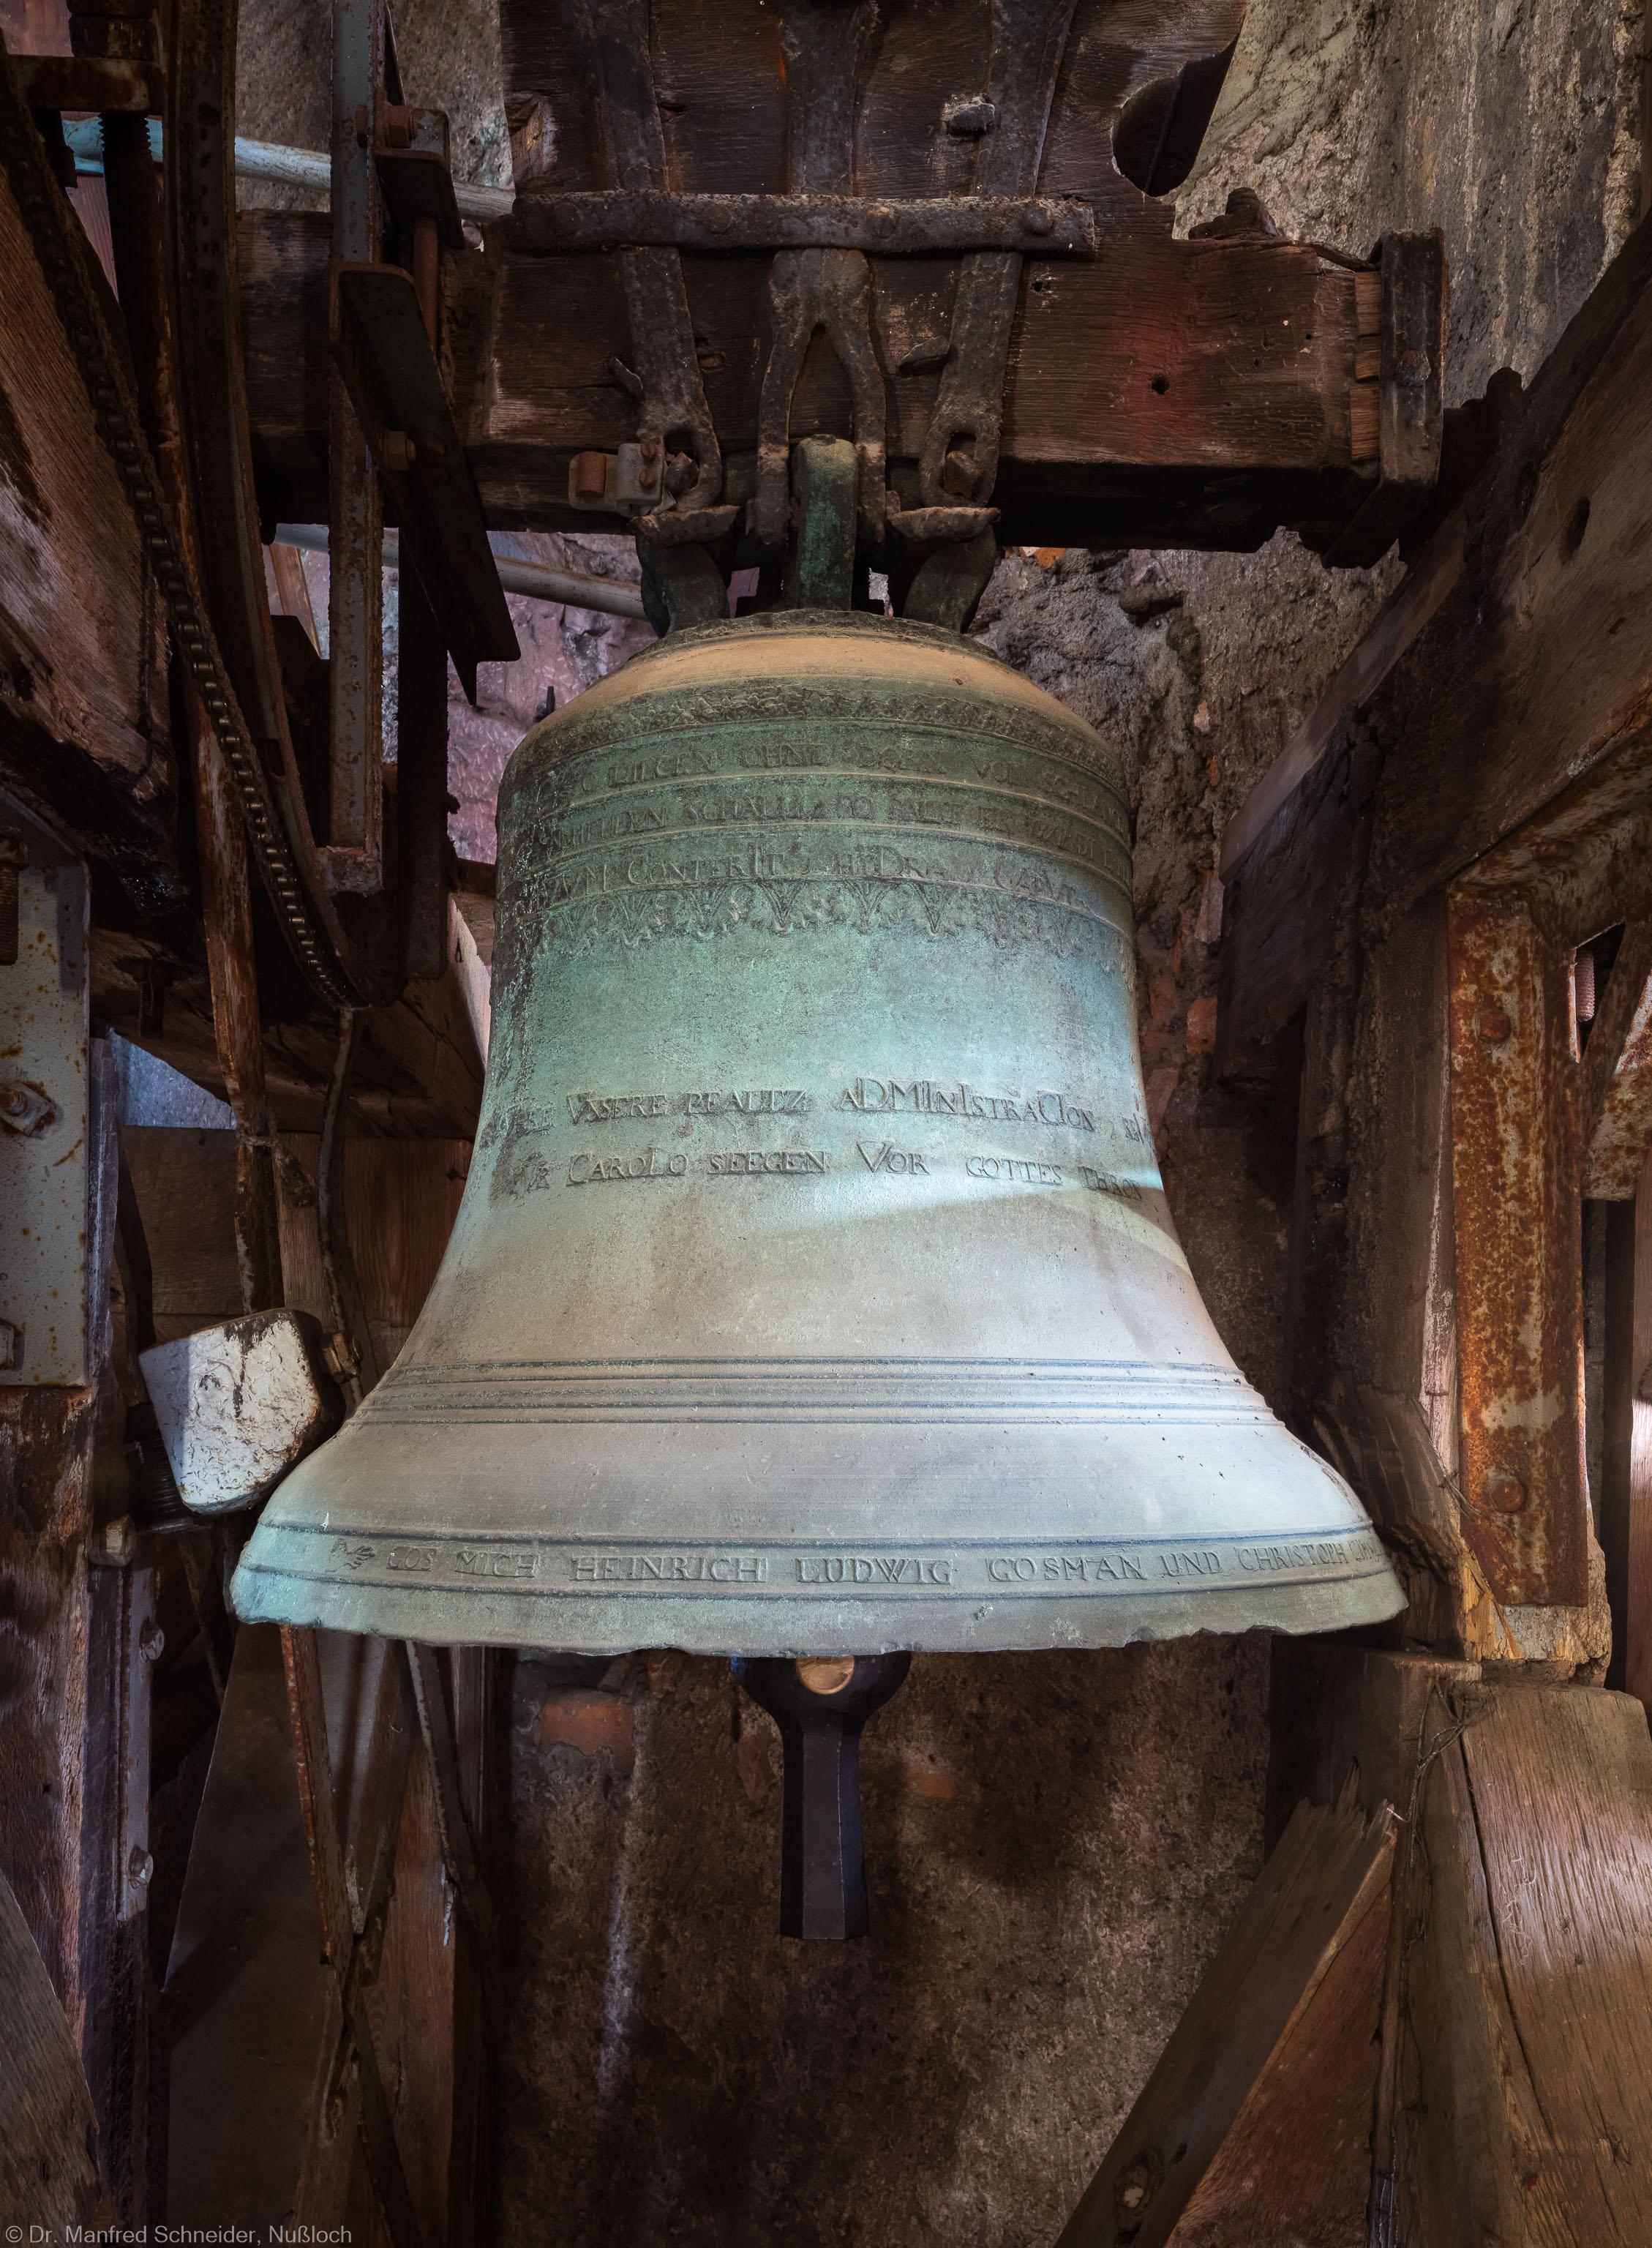 Heidelberg - Heiliggeistkirche - Glockenstuhl - Immaculata-Glocke von 1738 (Durchmesser 71 cm), von Westen aus gesehen (aufgenommen im November 2015, am Nachmittag)